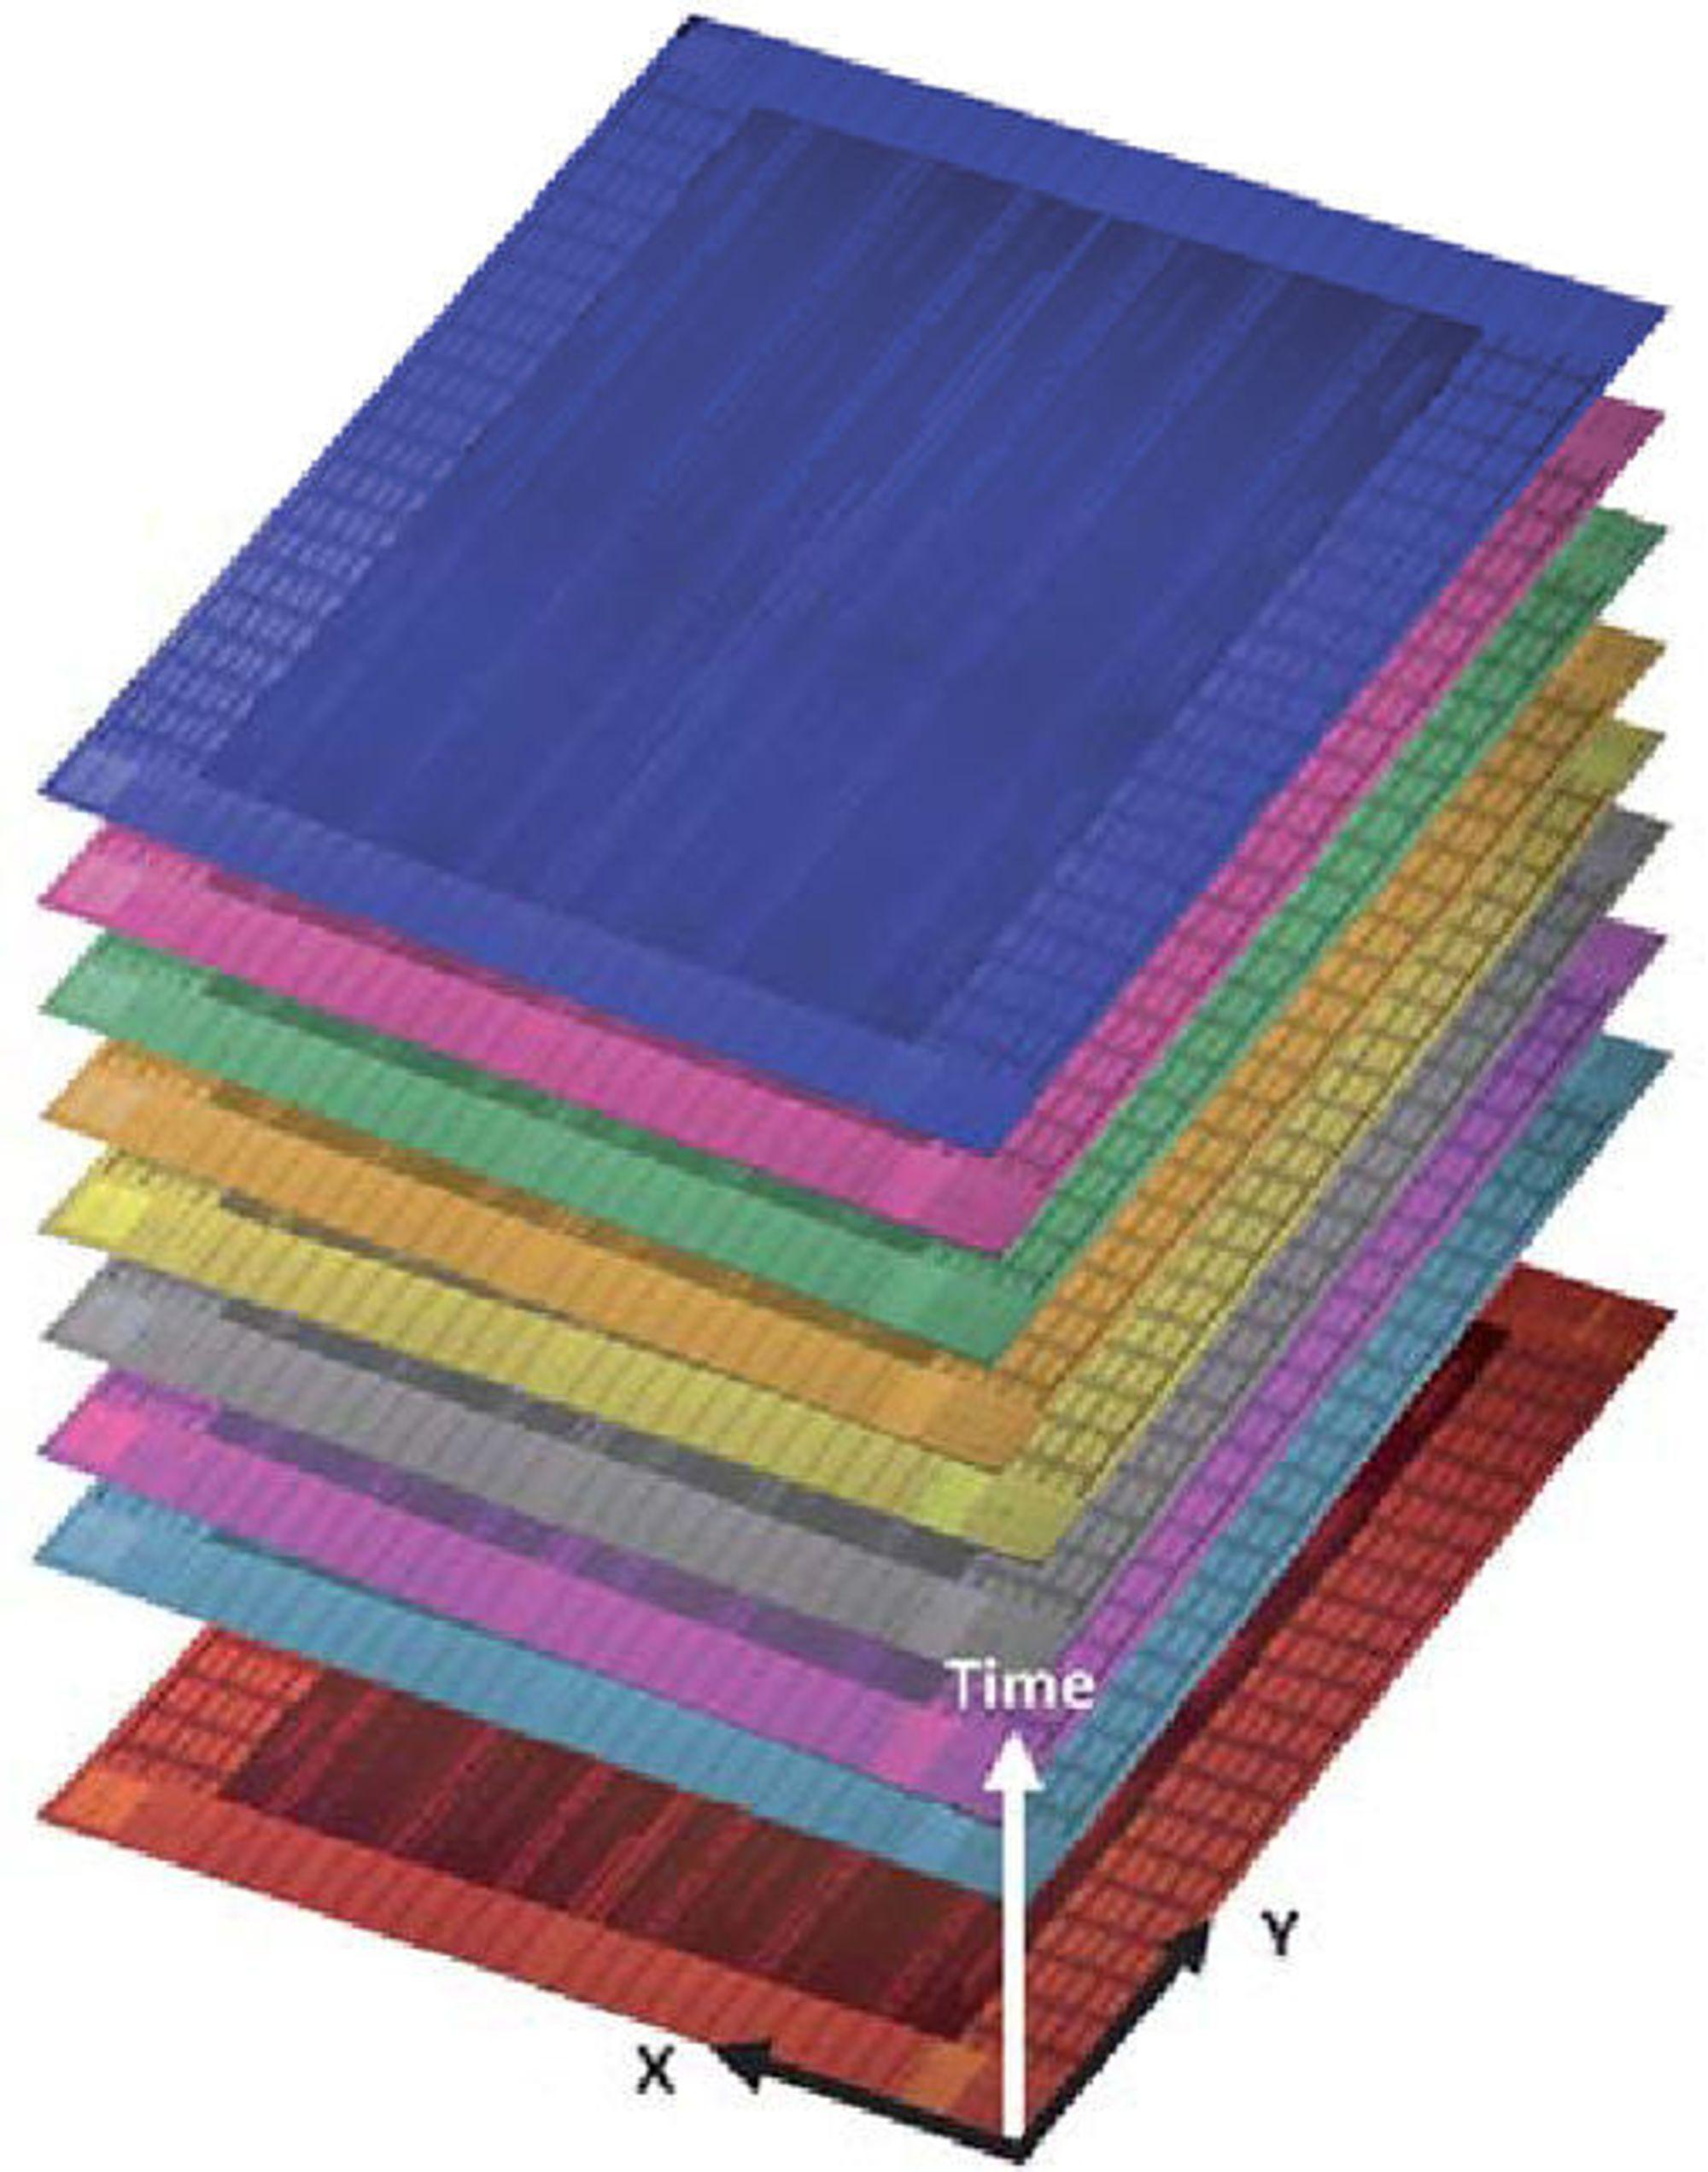 De fysiske komponentene i en Abax-brikke er organisert, som vanlig, i to dimensjoner. De åtte ulike konfigureringene som avgjør samspillet mellom komponentene, veksler i fast rekkefølge 1,6 milliarder ganger hvert sekund. Det praktiske resultatet er som om de var stablet i åtte etasjer over hverandre, i en brikke på 200 megahertz.